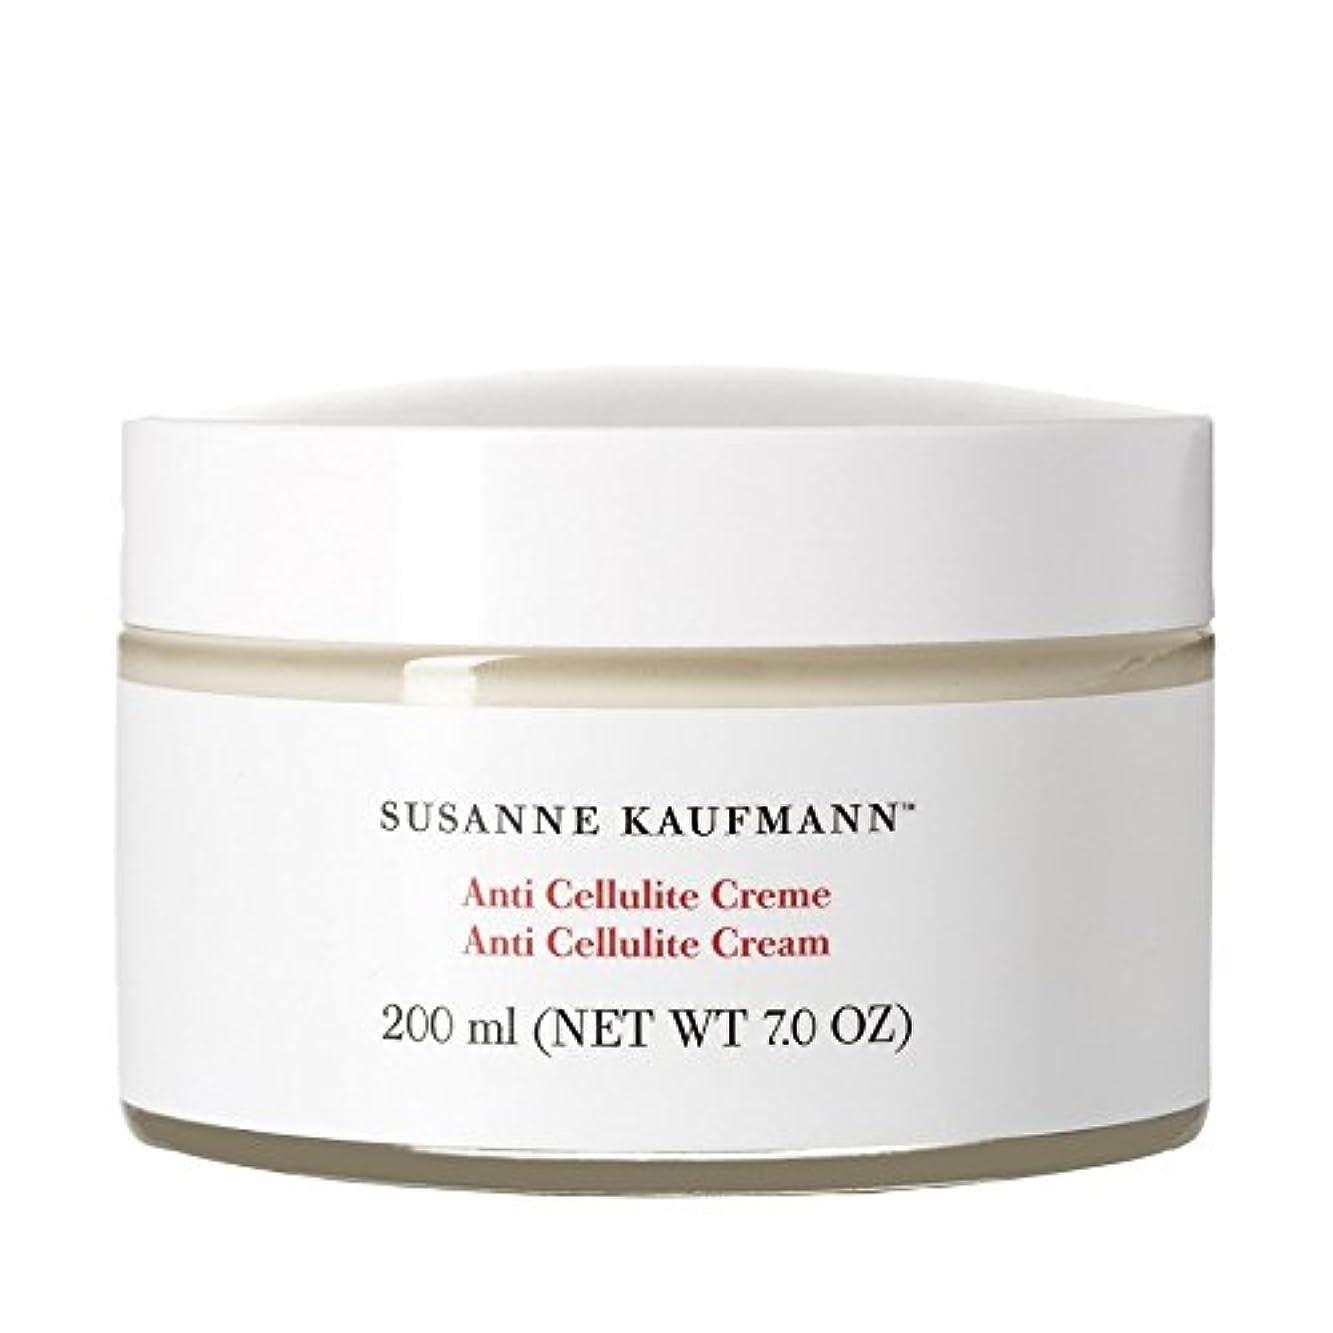 硬さ泣いている比べるSusanne Kaufmann Anti Cellulite Cream 200ml - スザンヌカウフマン抗セルライトクリーム200ミリリットル [並行輸入品]